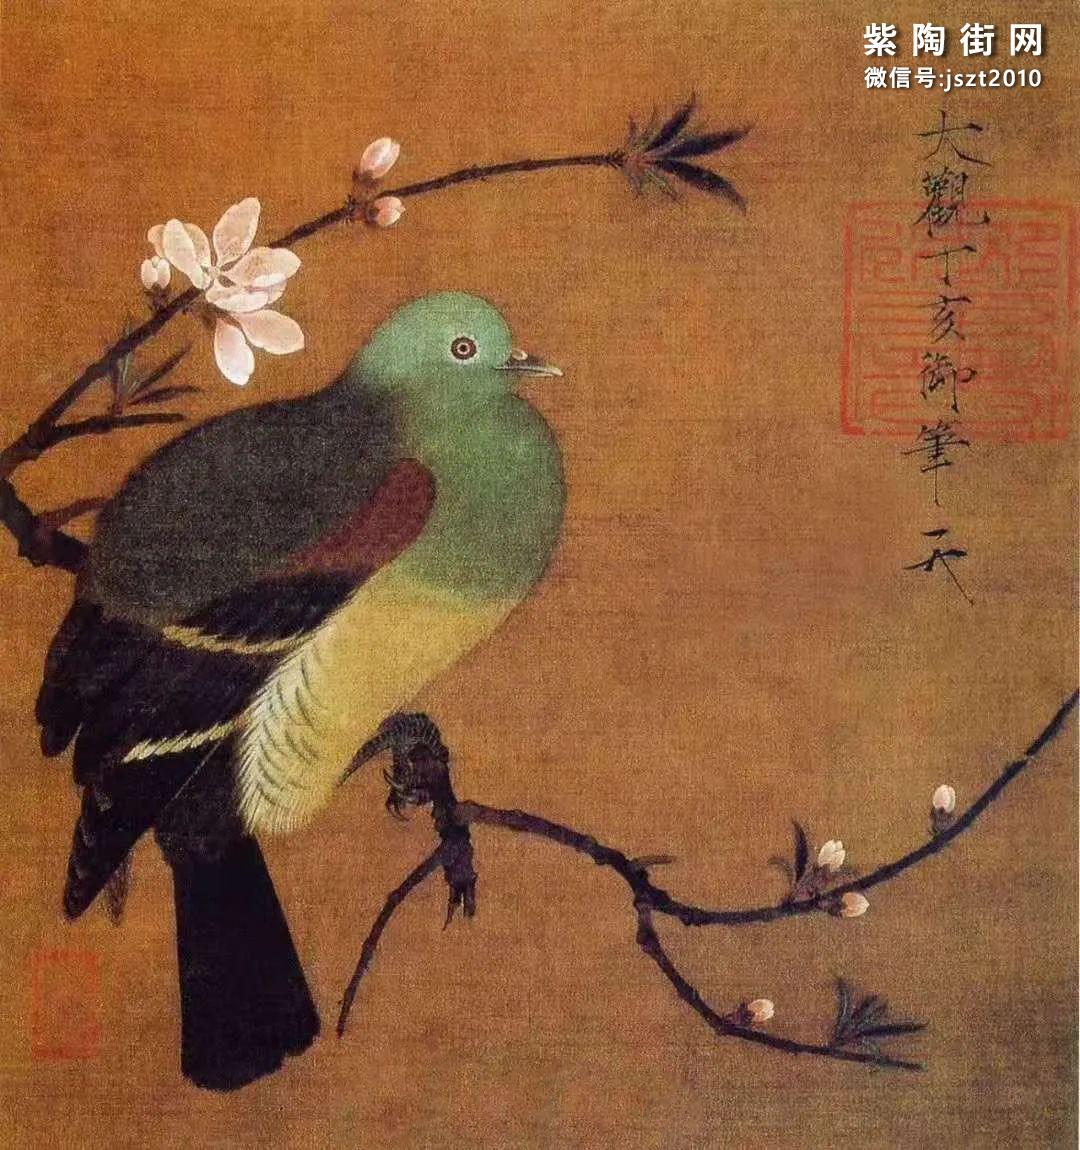 云岫坊李燕(夏杪)和赵旭(行木)简介及紫陶作品欣赏-紫陶街